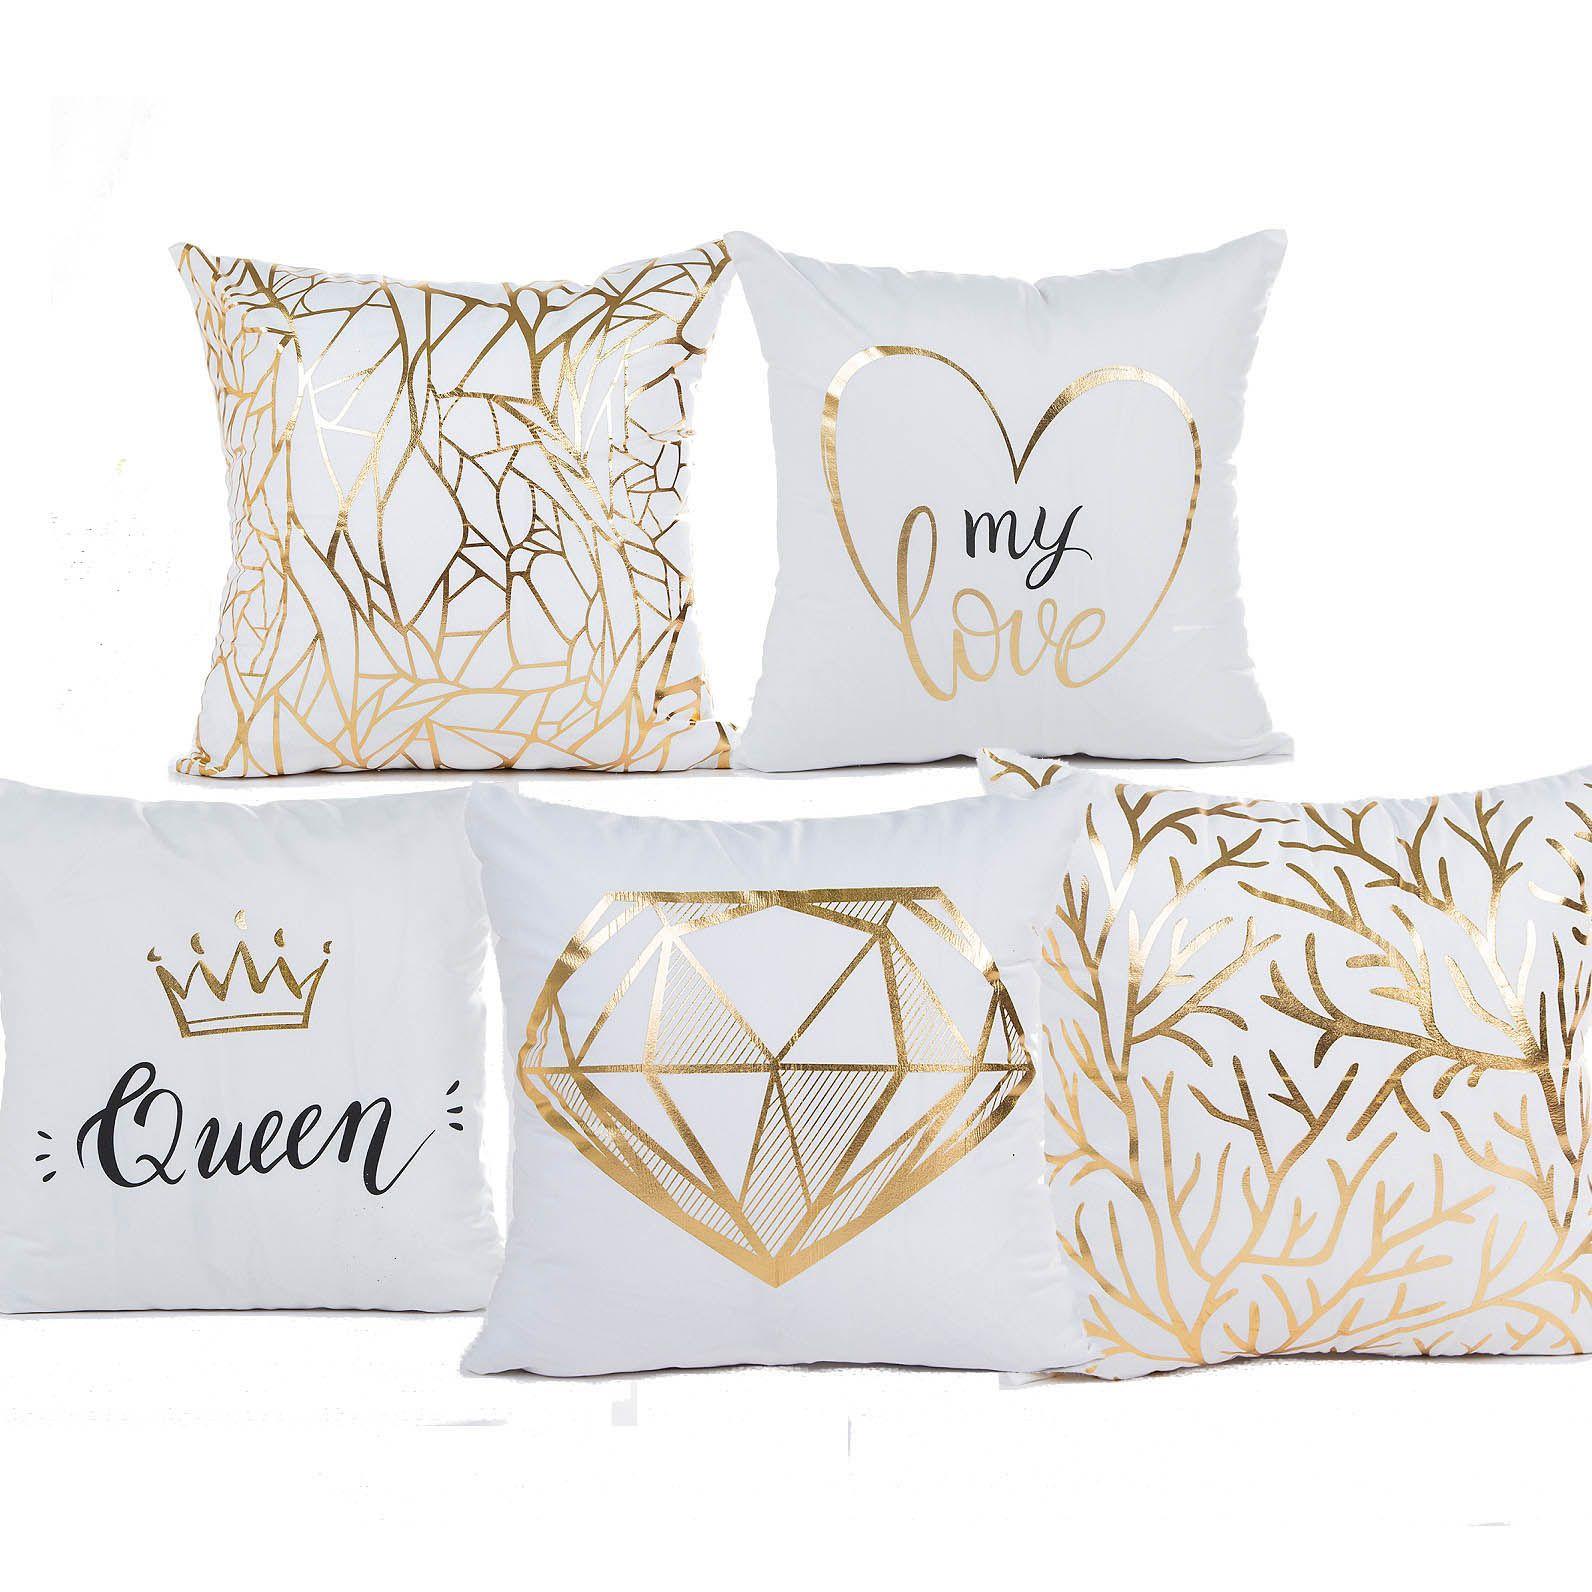 acheter reine couronne amour coeur croissance anneau bronzing coussin cover oreiller couvre 45x45cm decoratif canape chaise taie d oreiller room decor de